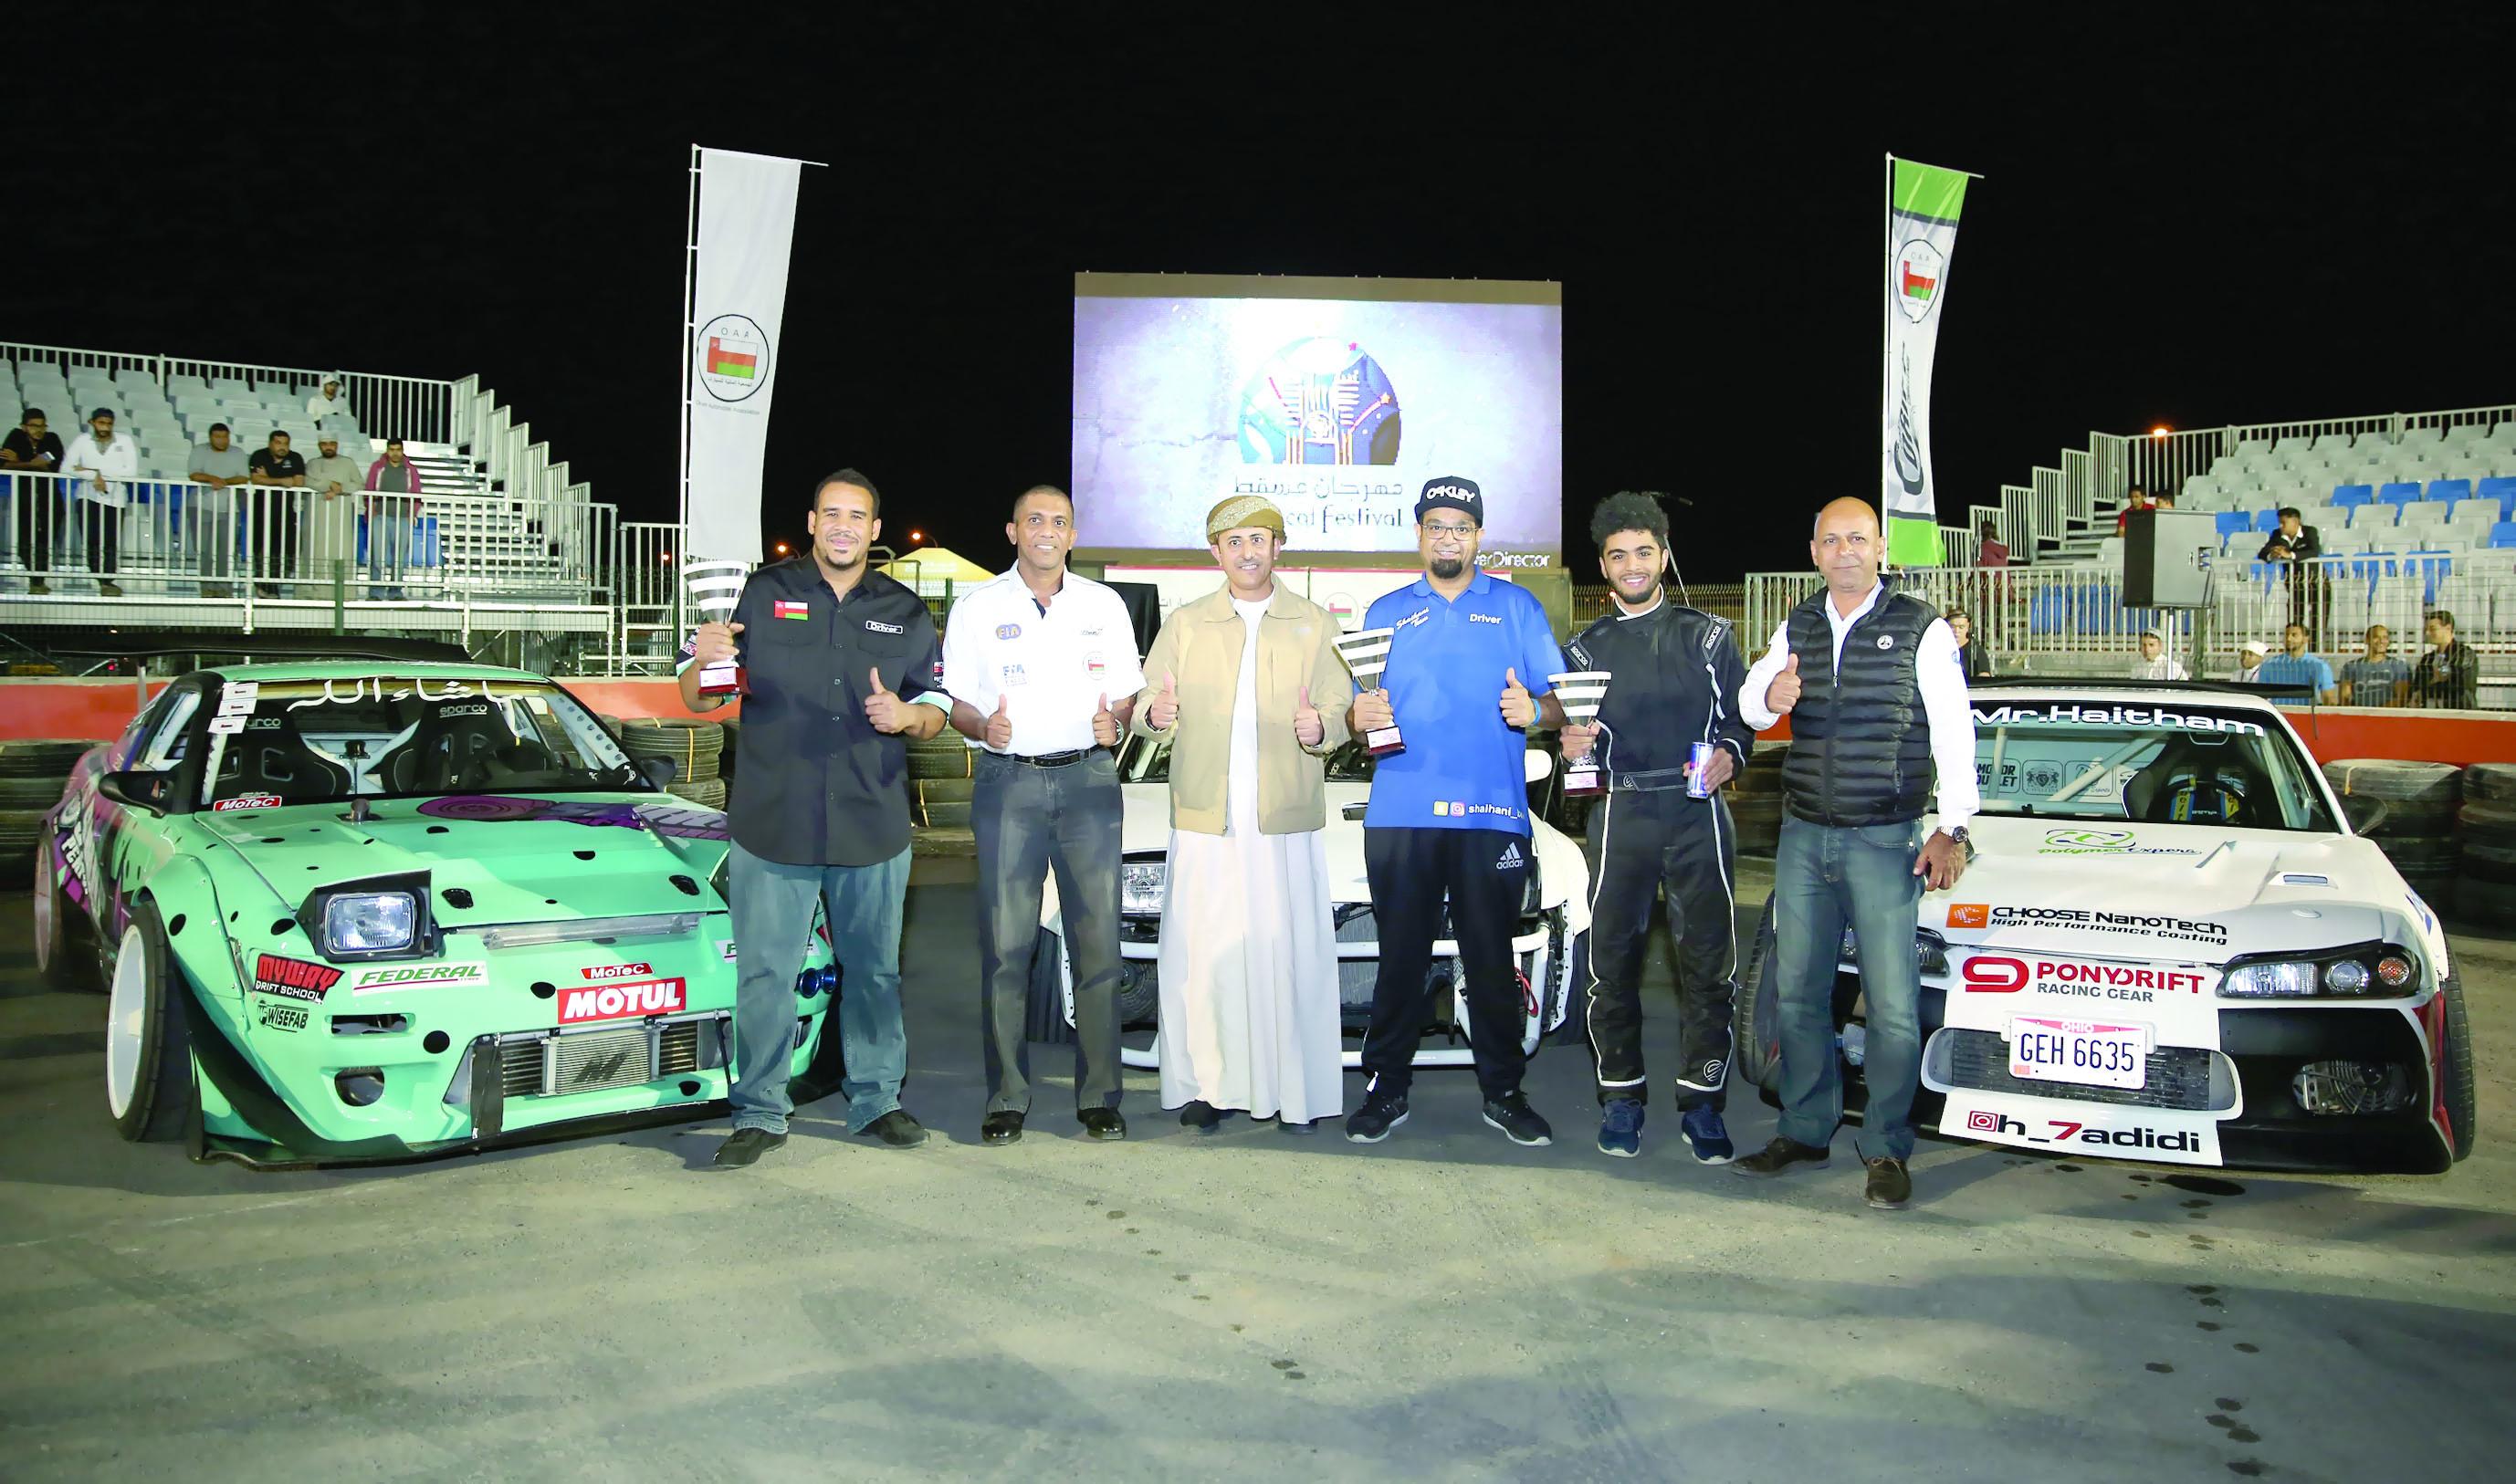 الشيهاني بطلاً للجولة الثالثة من بطولة عُمان للانجراف